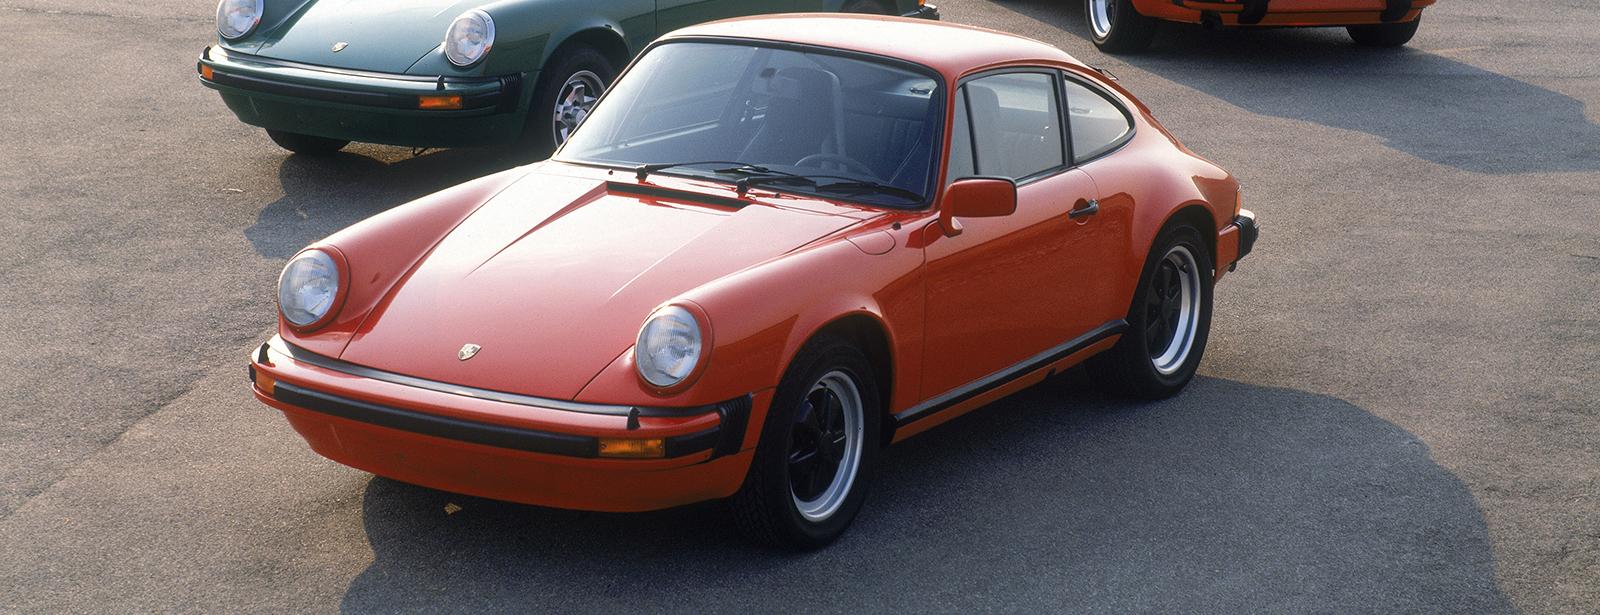 Porsche 911 Sc Porsche 911 G All Porsche Classic Models Dr Ing H C F Porsche Ag